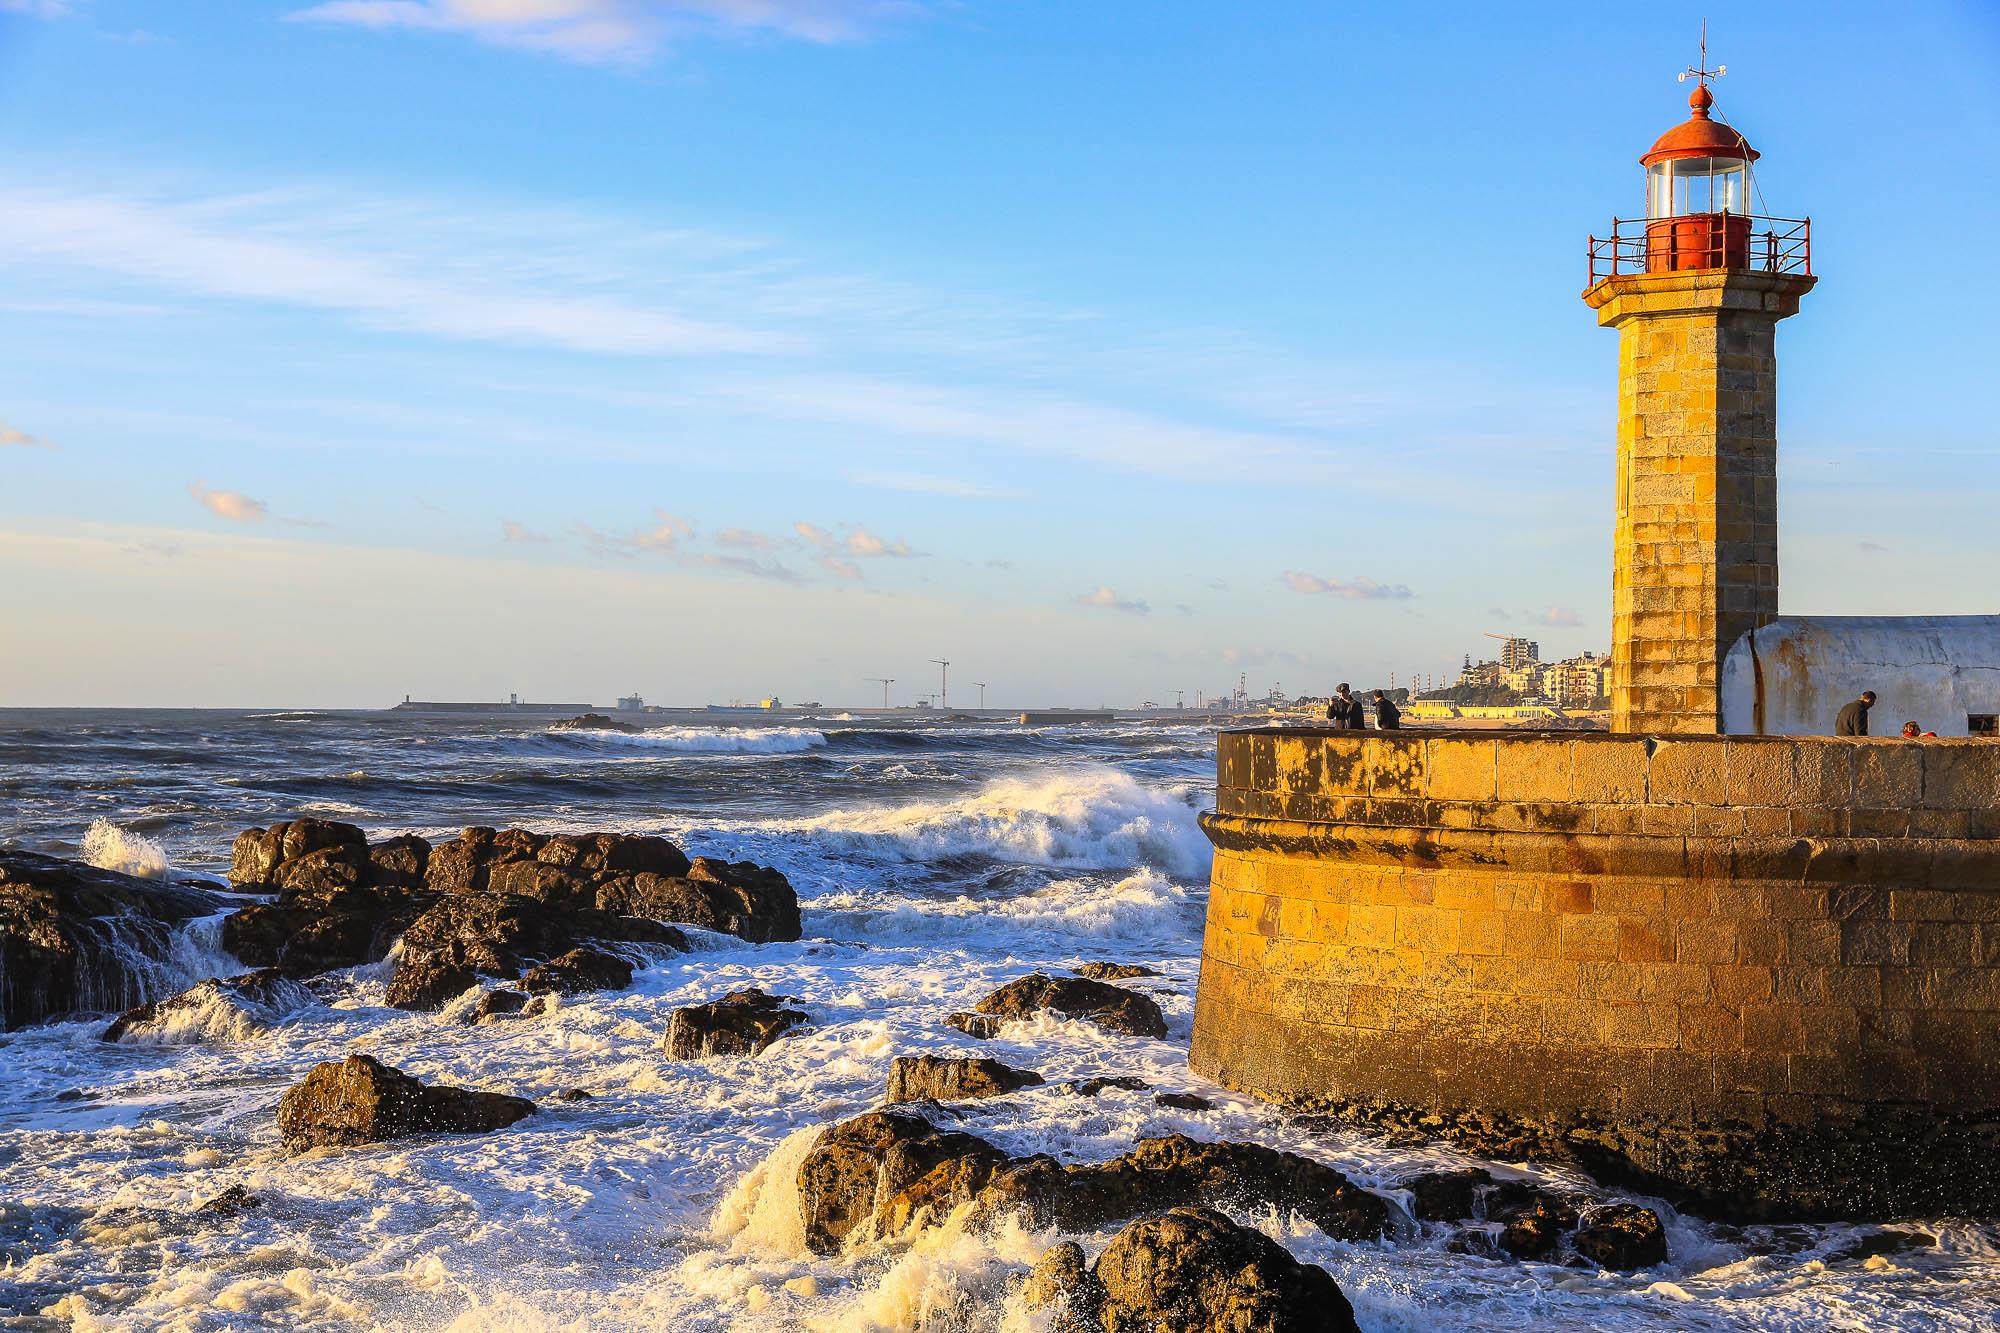 PORTUGAL-2012-jusmedic-#1130